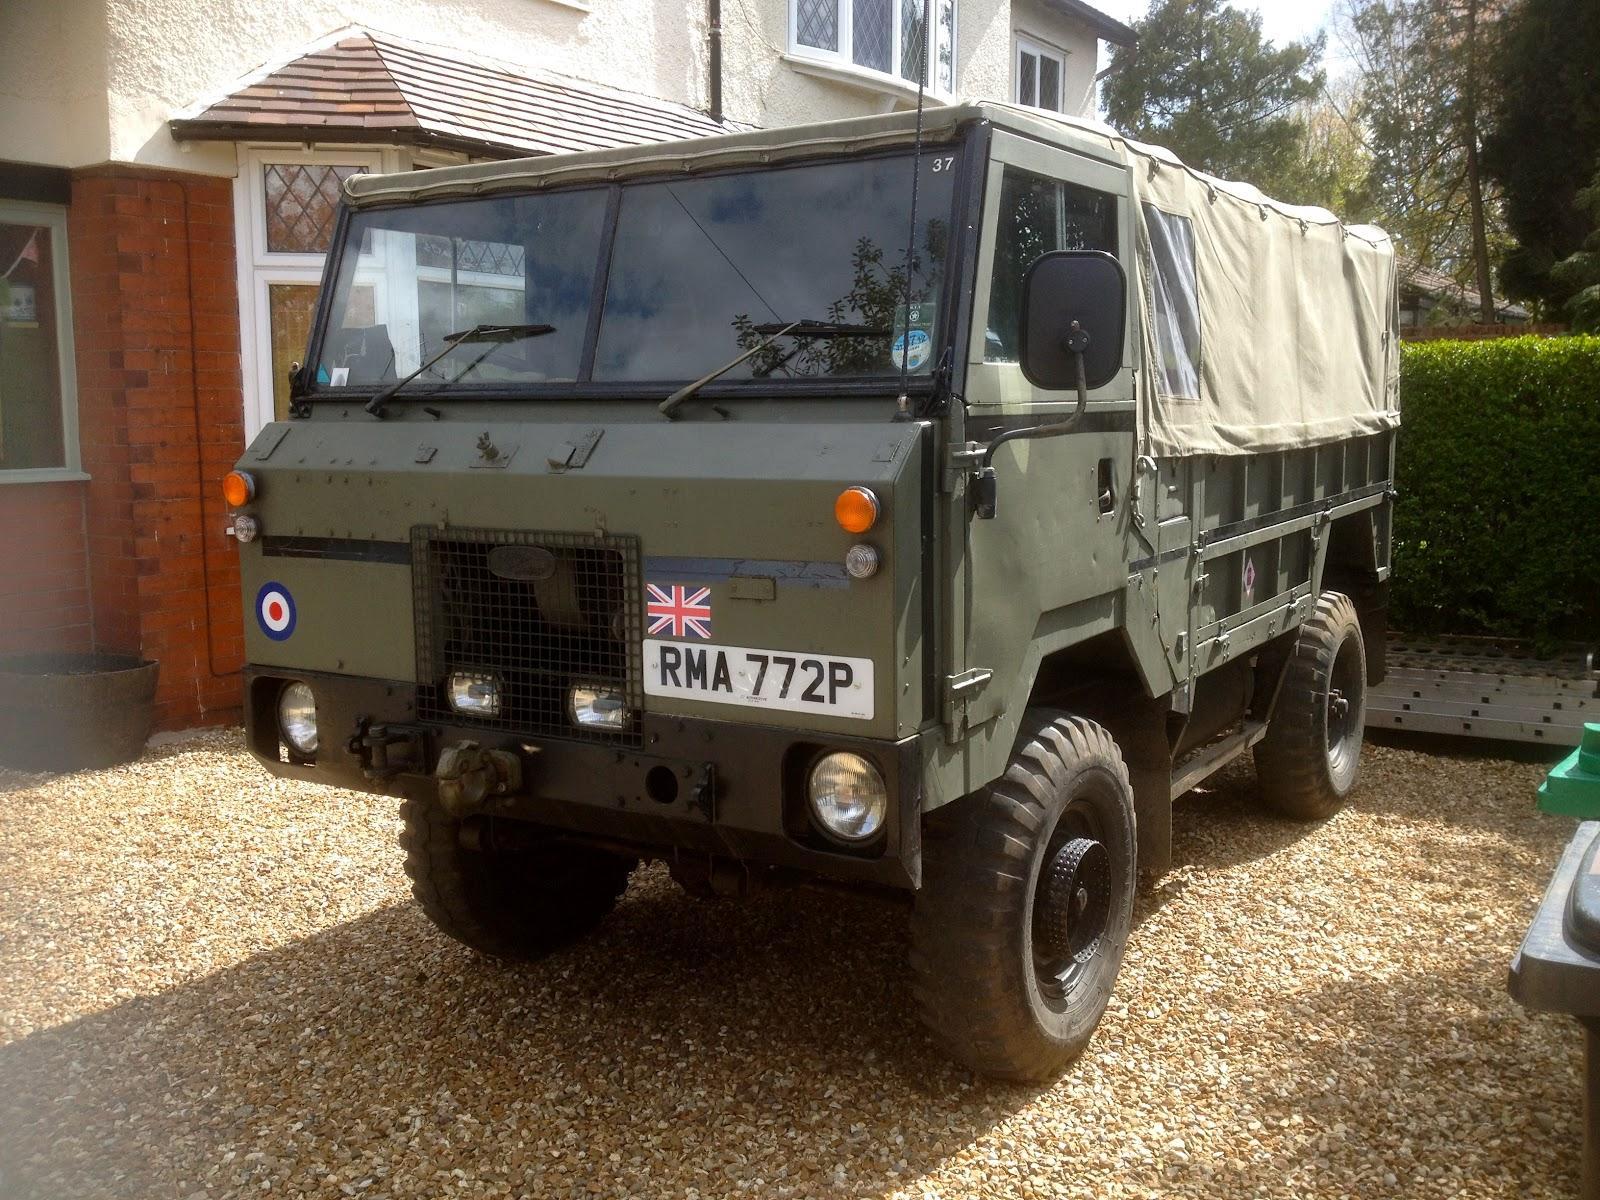 e Land Rover is never enough Land Rover 101 GS Forward Control